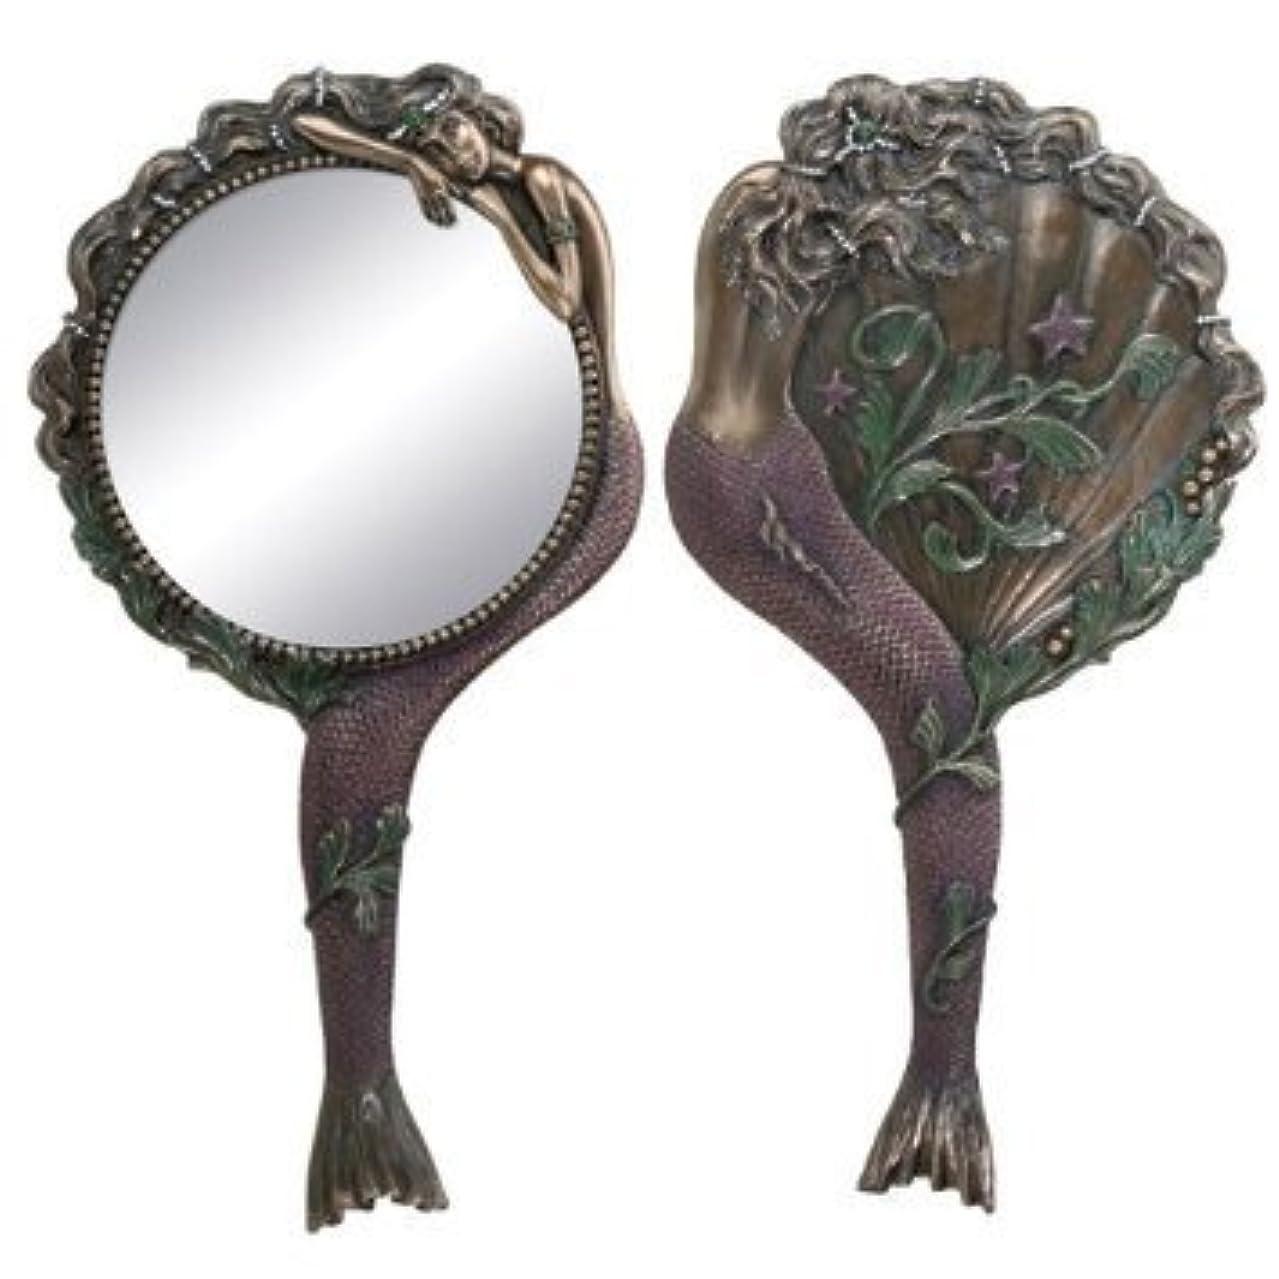 血統リーンうねるArt Nouveau Collectible Mermaid Hand Mirror Nymph Decoration by Summit